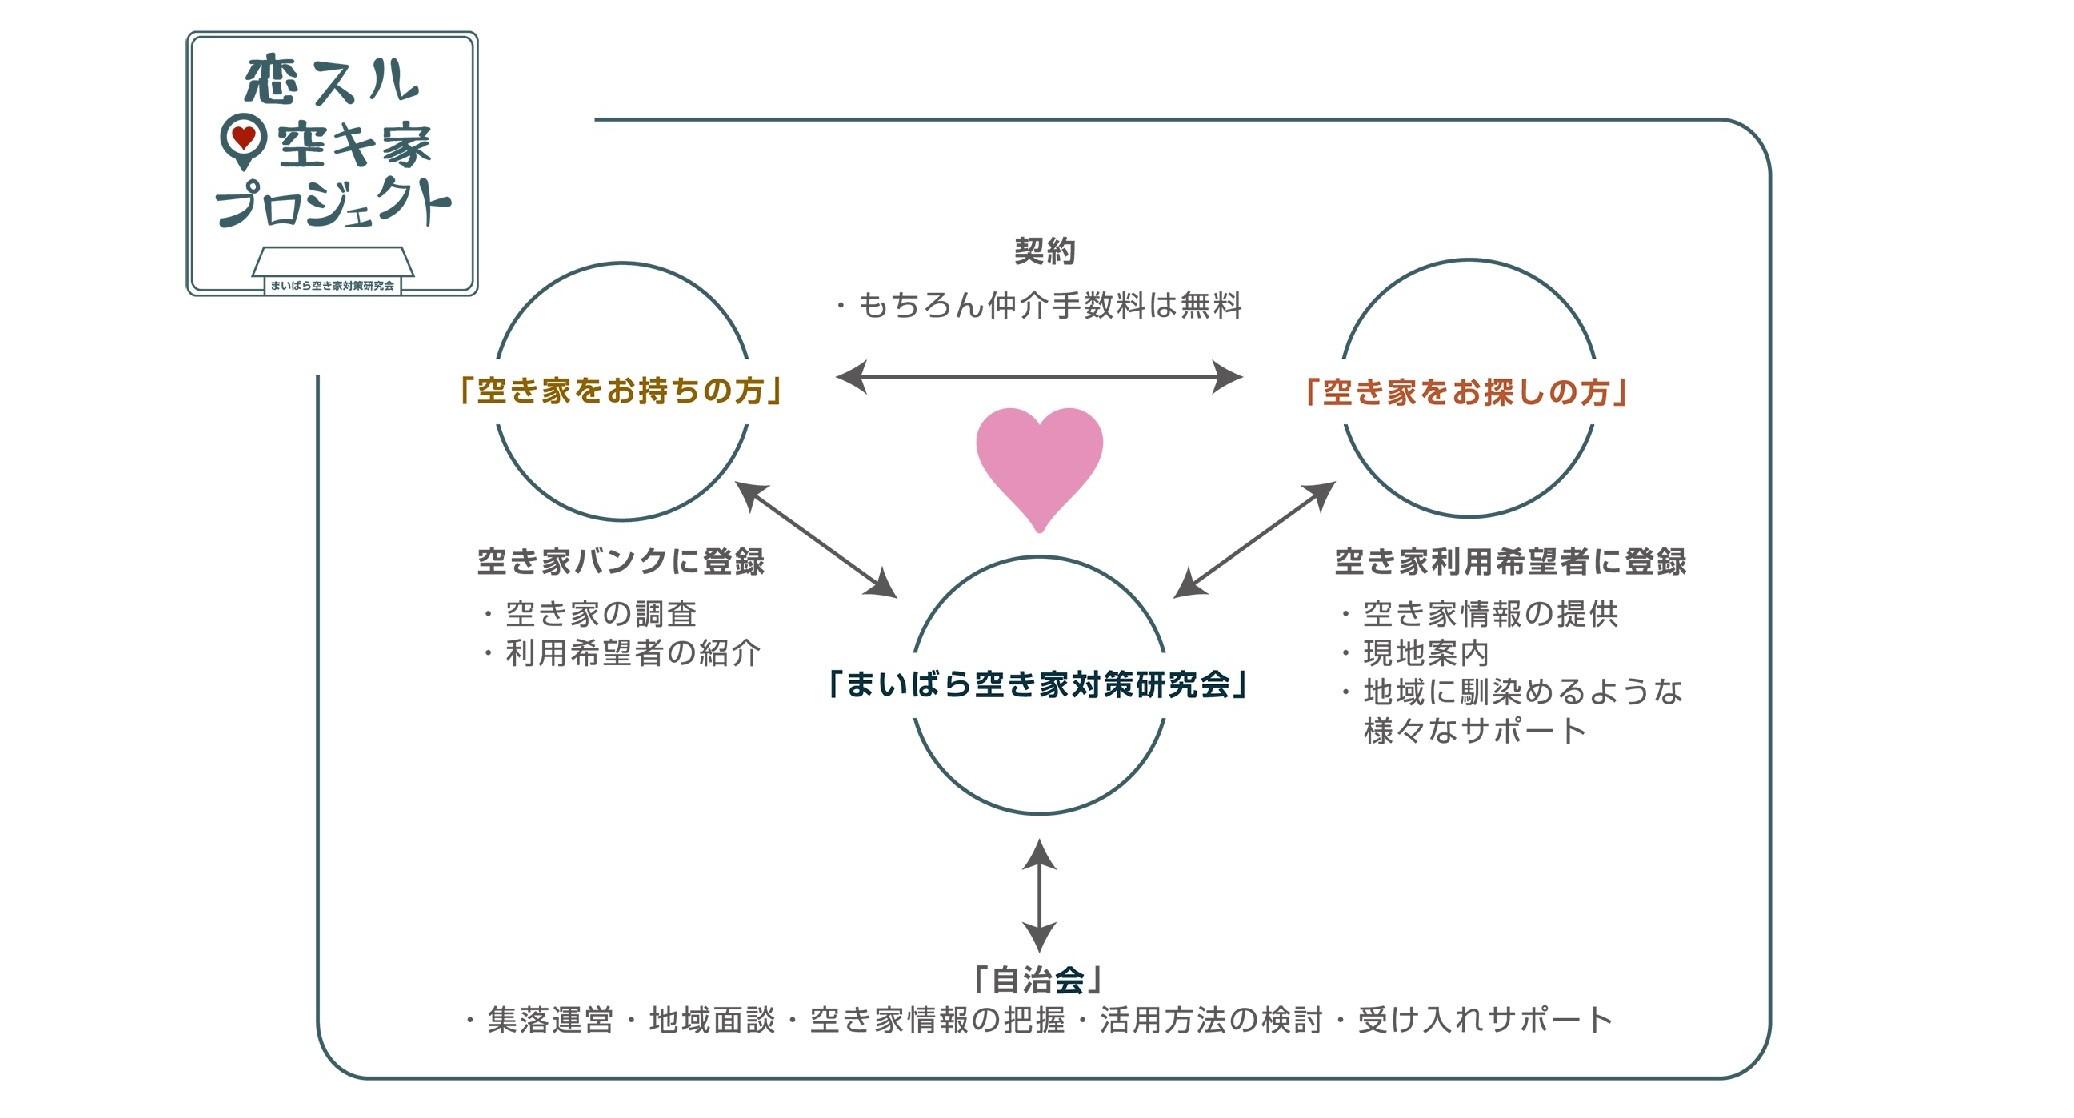 まいばら空き家対策研究会が推進する「恋する空き家プロジェクト」